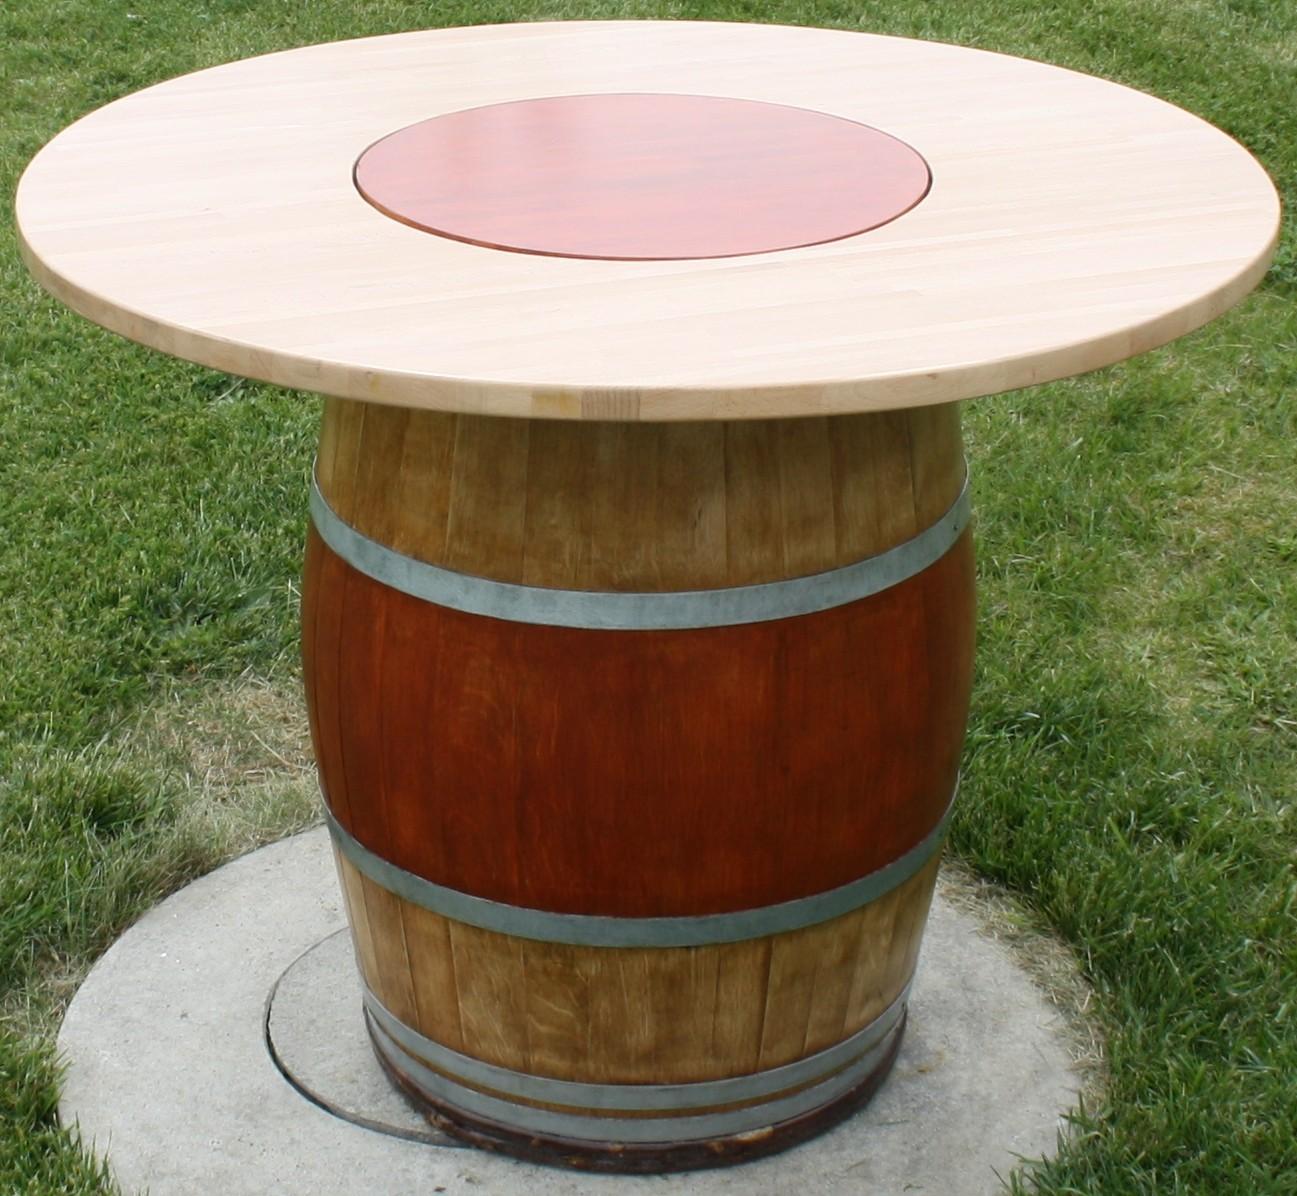 Tournant Tonneaux Juls Avec Plateau Table Design VUzSMp